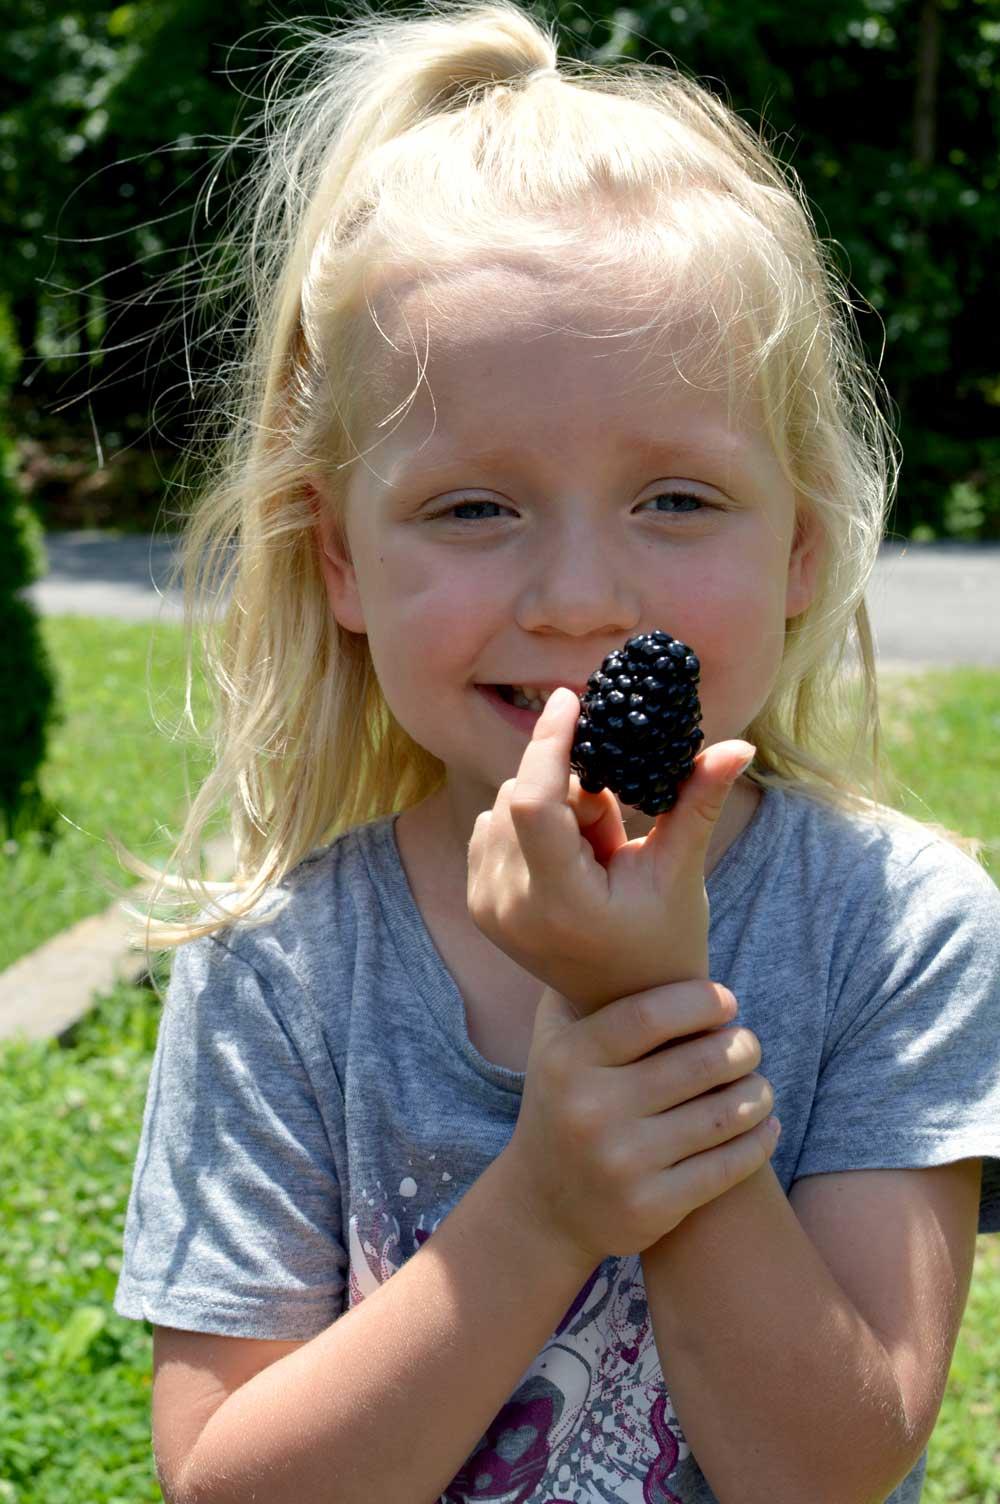 Kiowa Blackberry